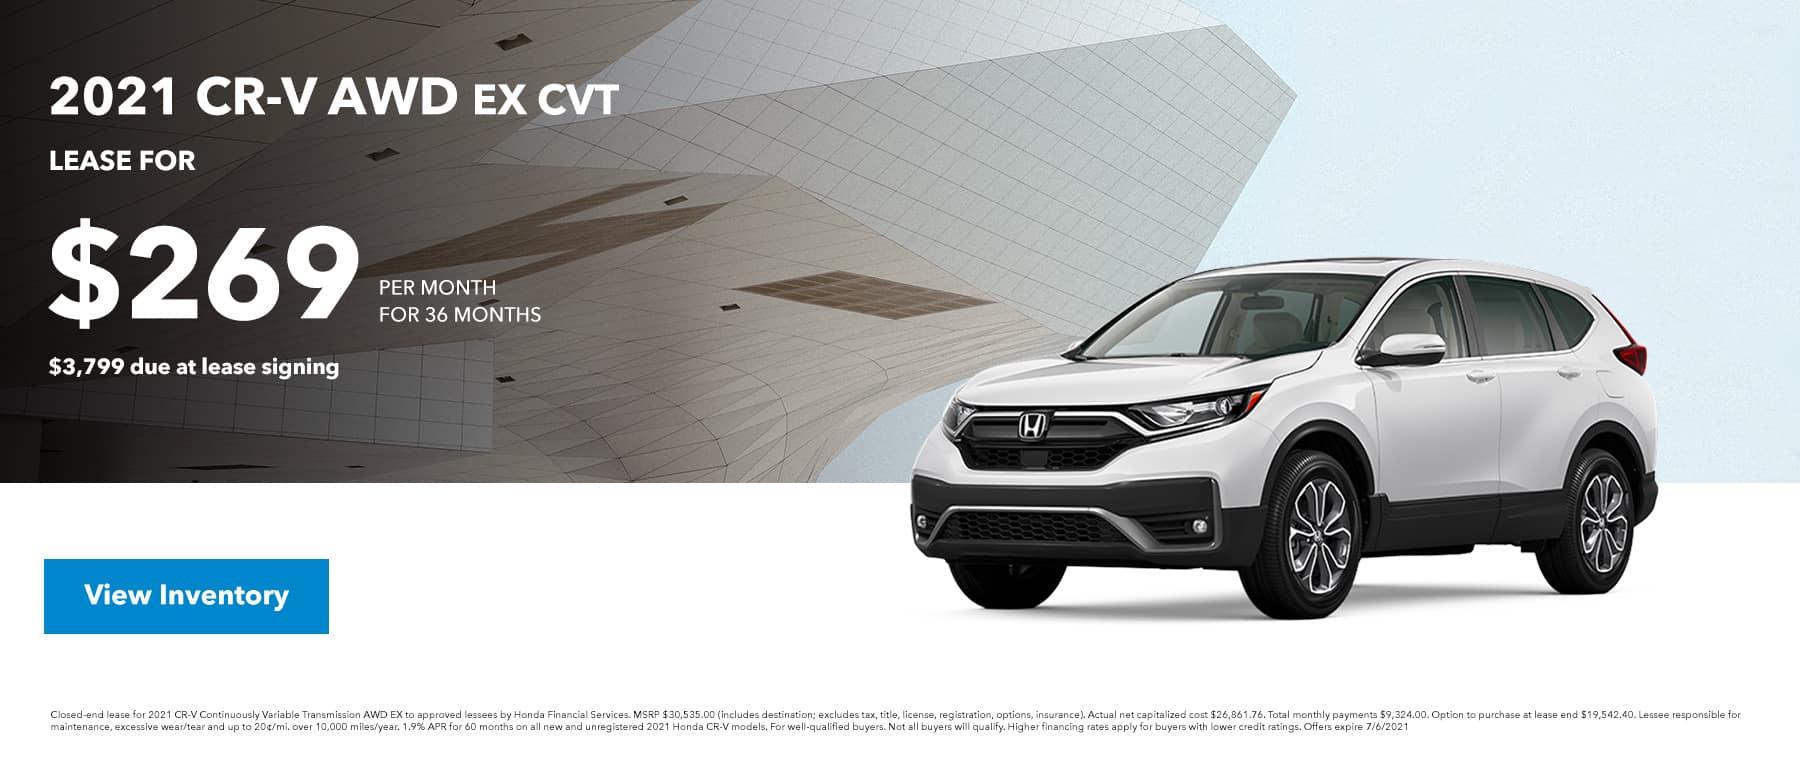 2021 CR-V AWD EX